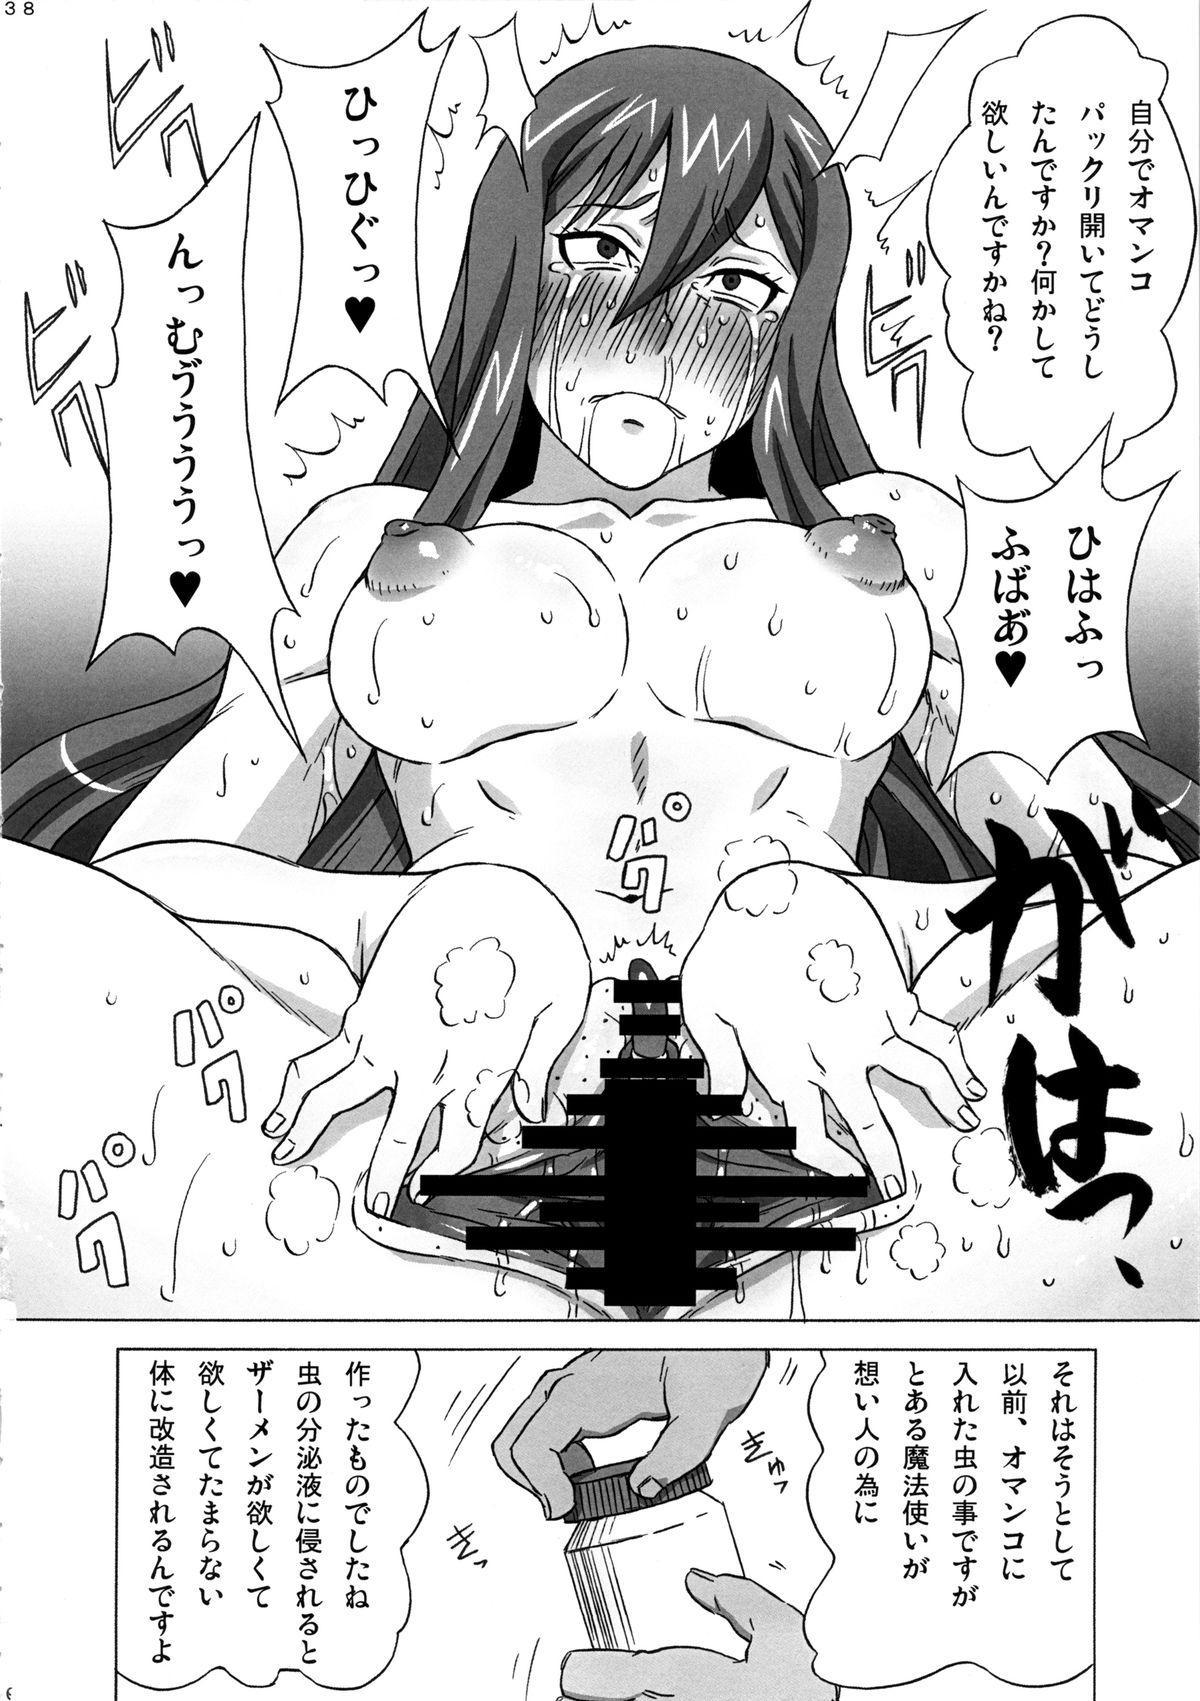 Erza-san wo Choukyou Shite mita. 38